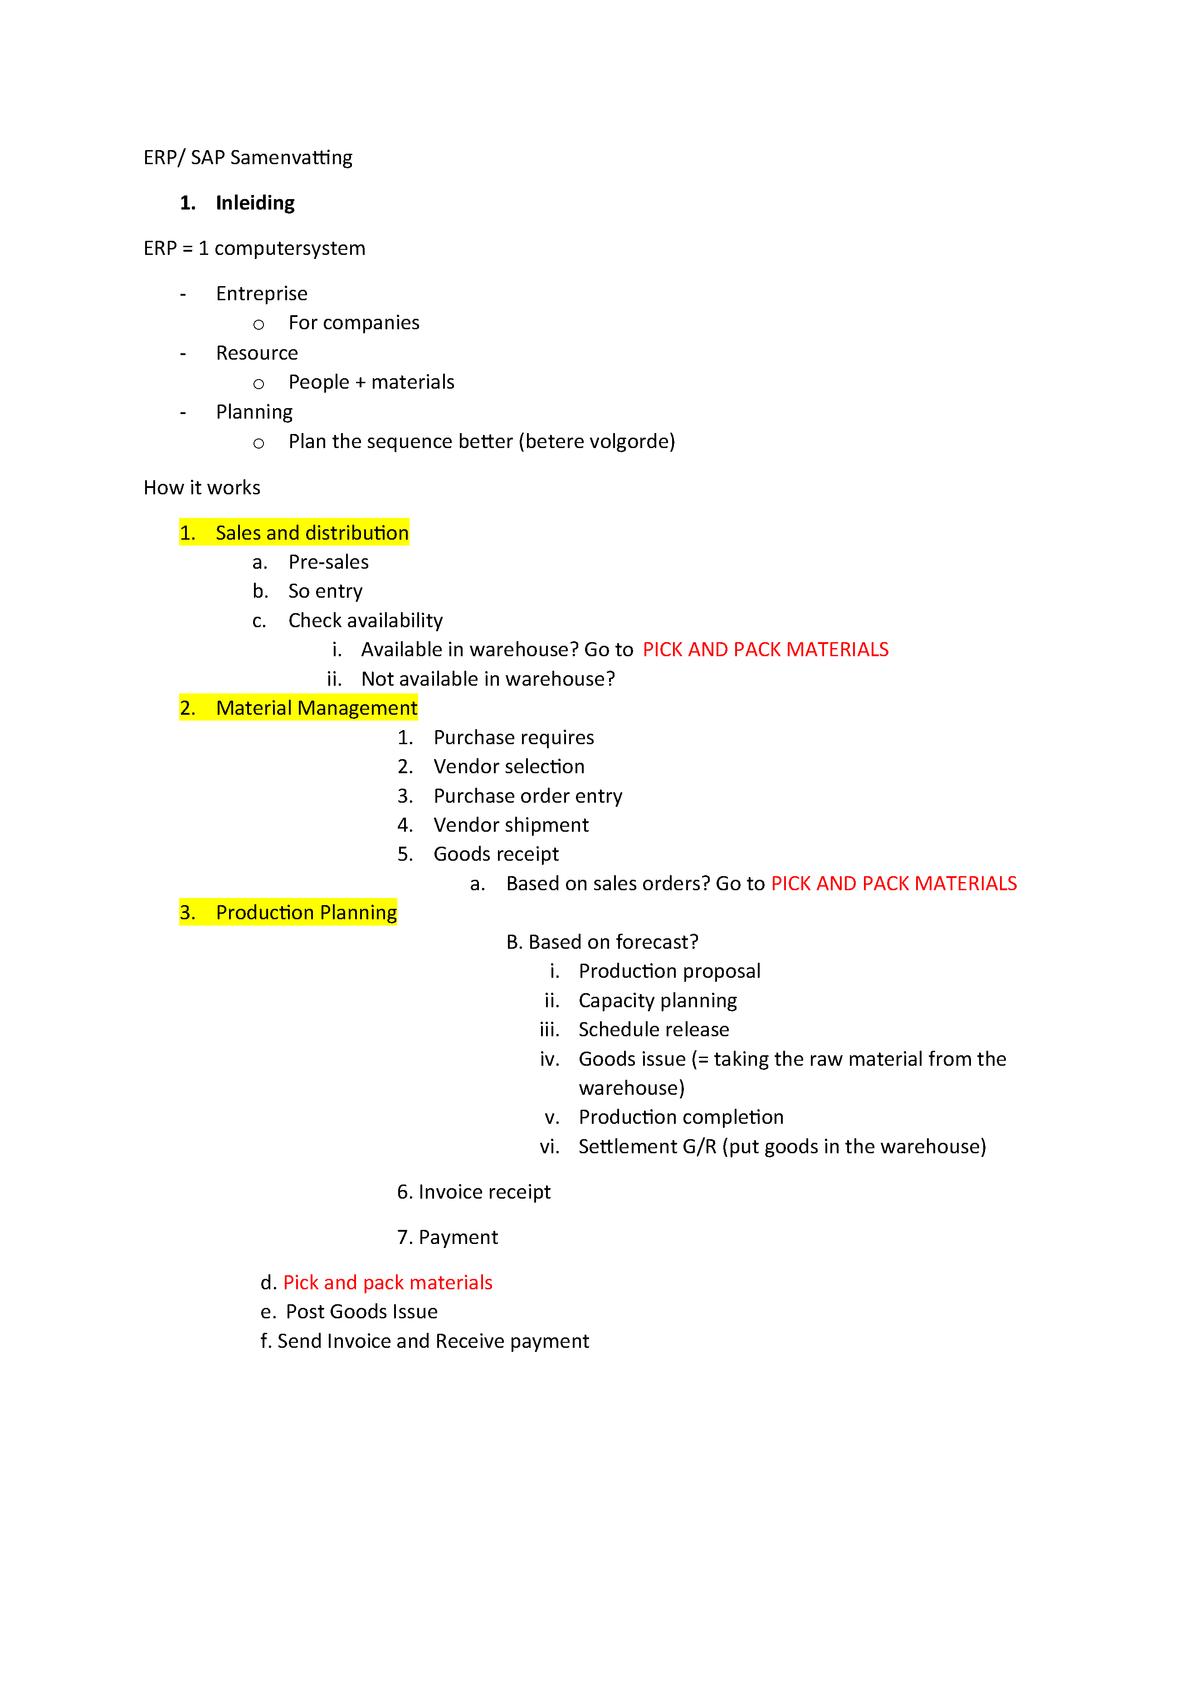 Samenvatting - specifiek - ERP - Arteveldehogeschool - StuDocu